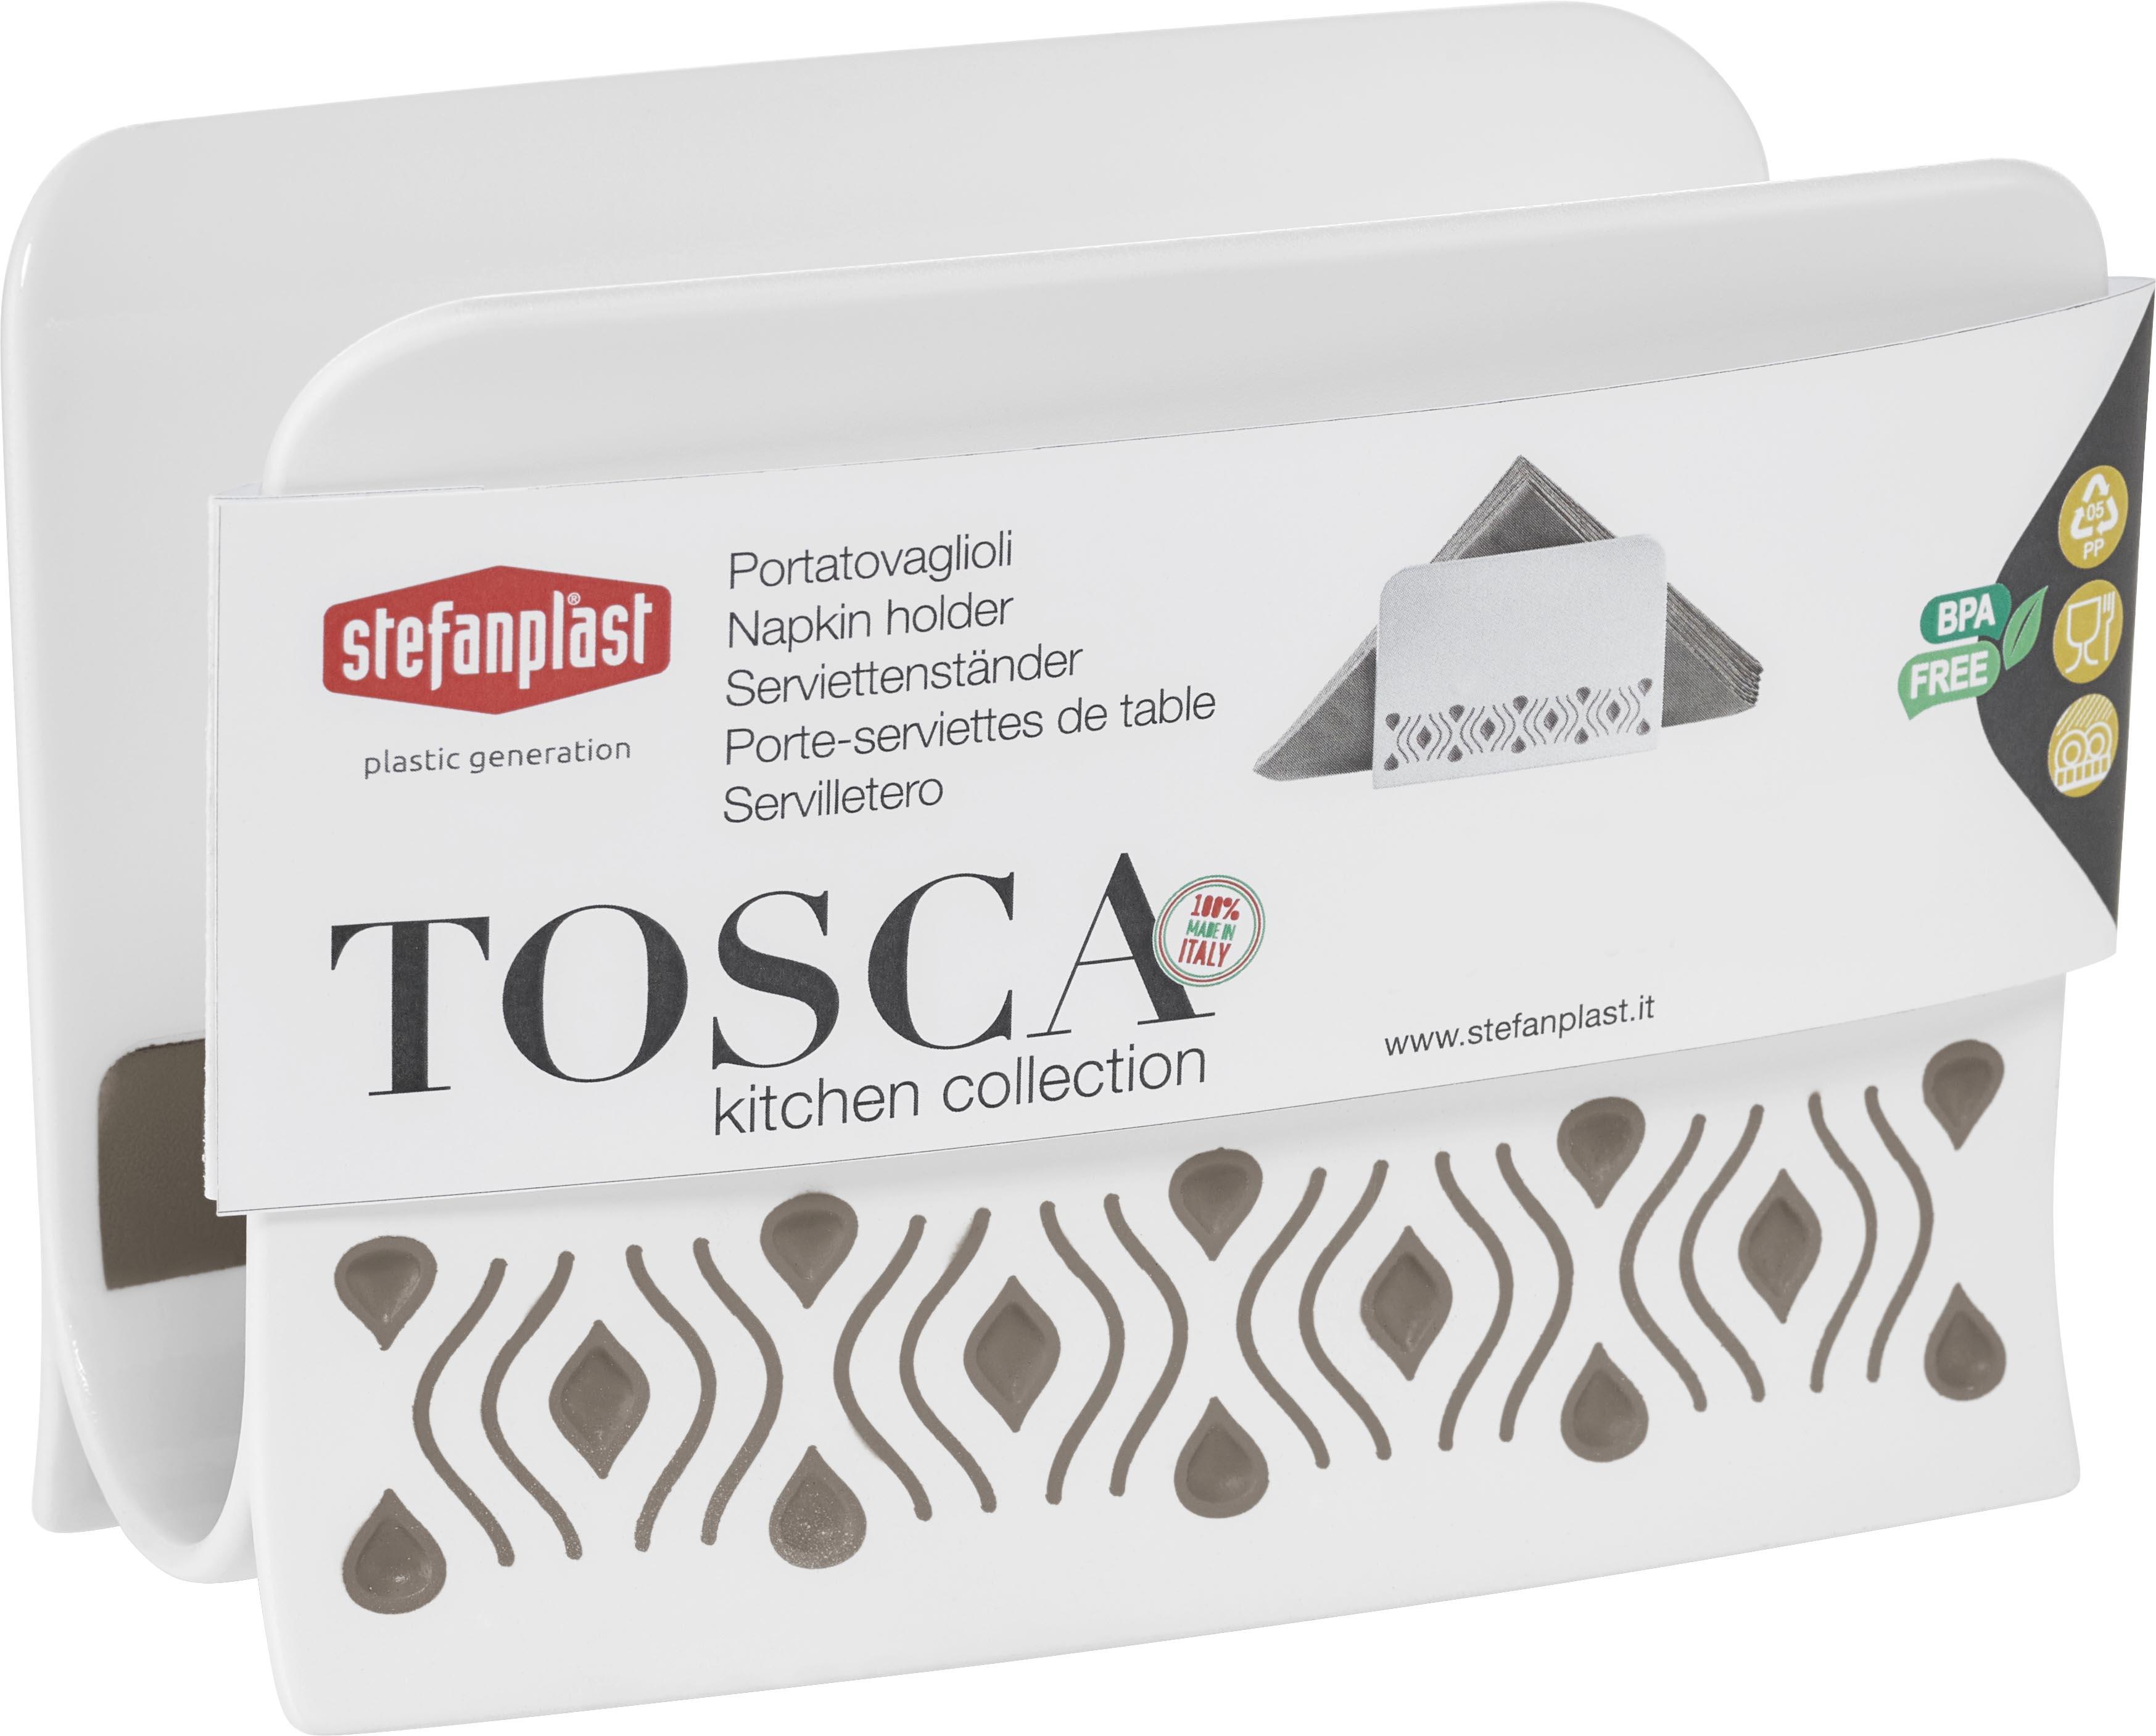 P TOVAGLIOLI TOSCA BIANCO TORT